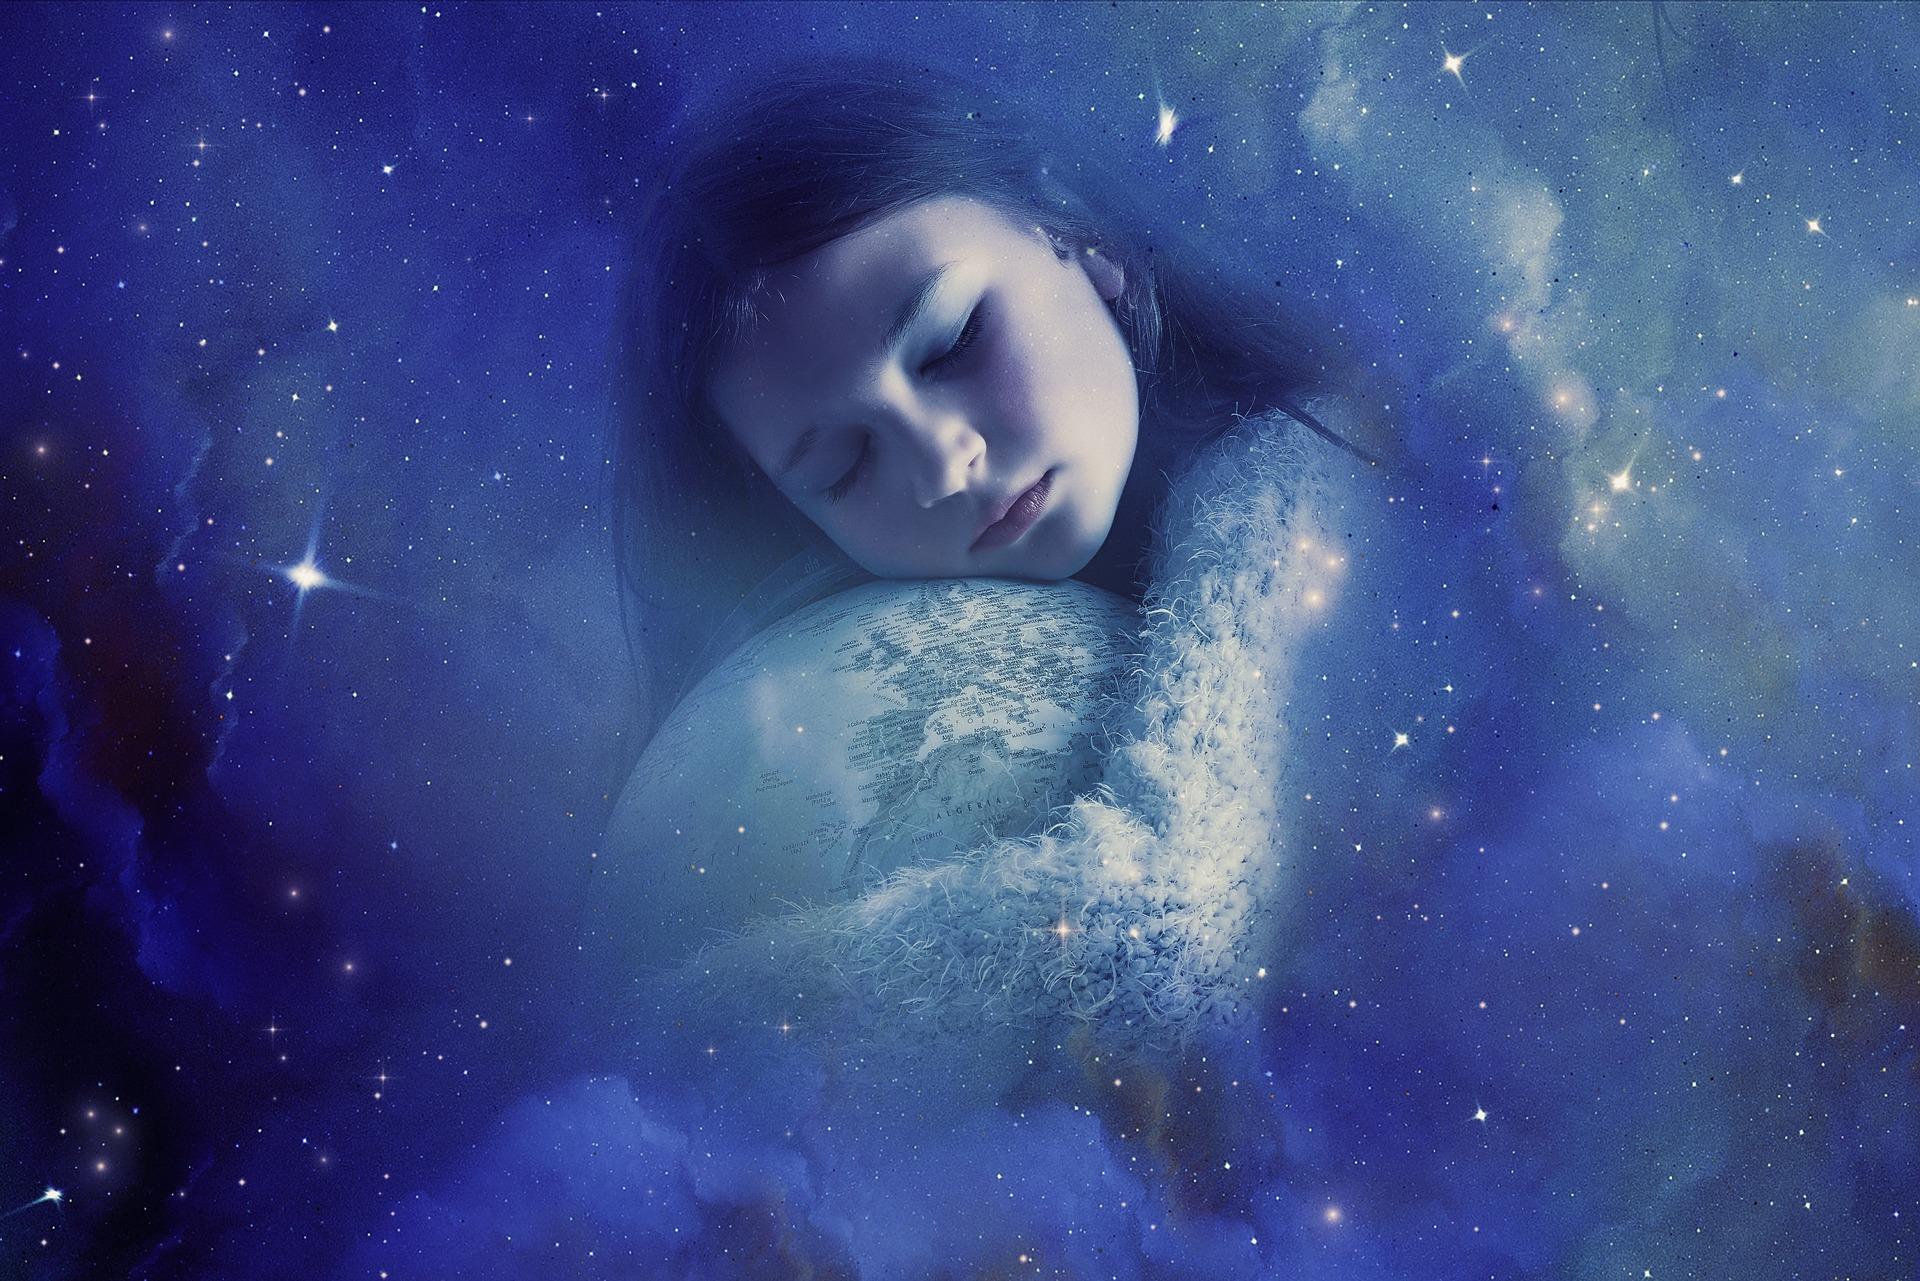 Solfeggio Frequenzen Besser schlafen